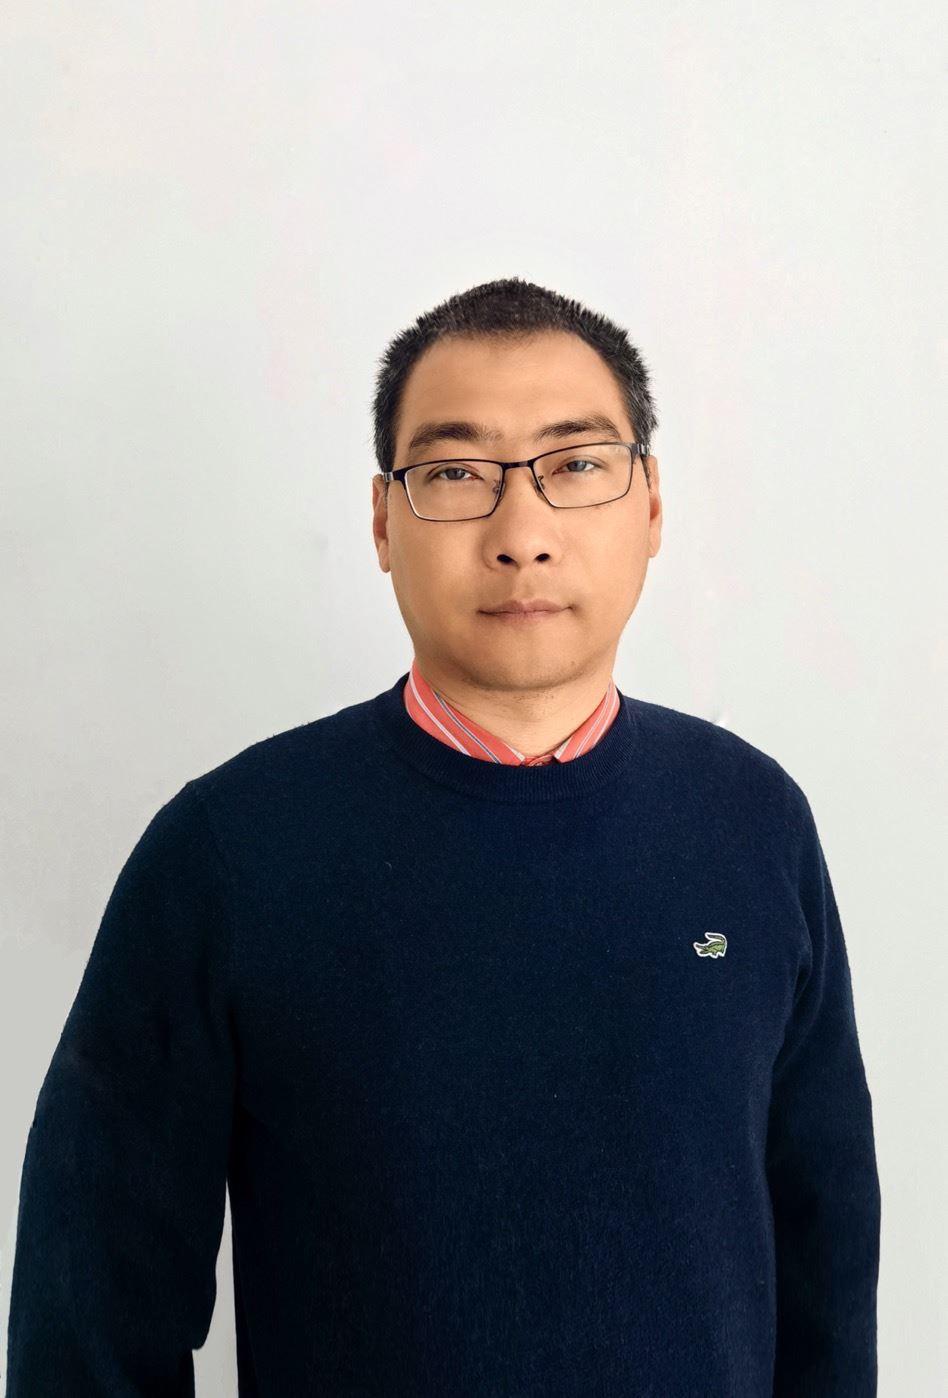 季丰郑朝晖.jpg